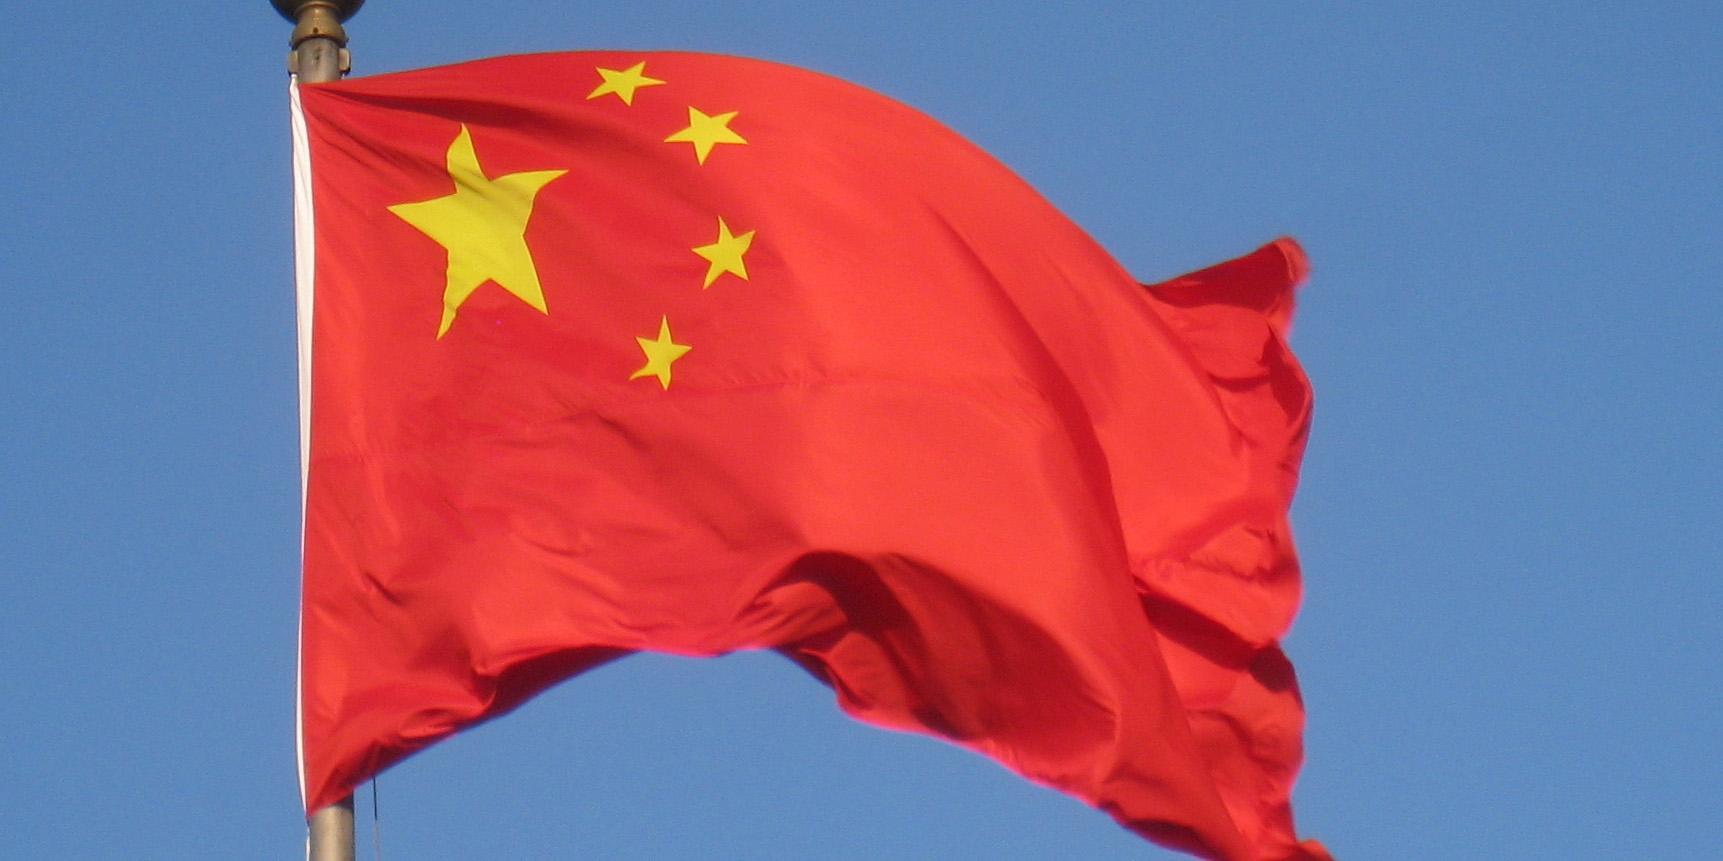 معاون نخست وزیر چین: اقتصاد ایران و چین مکمل یکدیگرند/تهران شریک تجاری مهم برای پکن